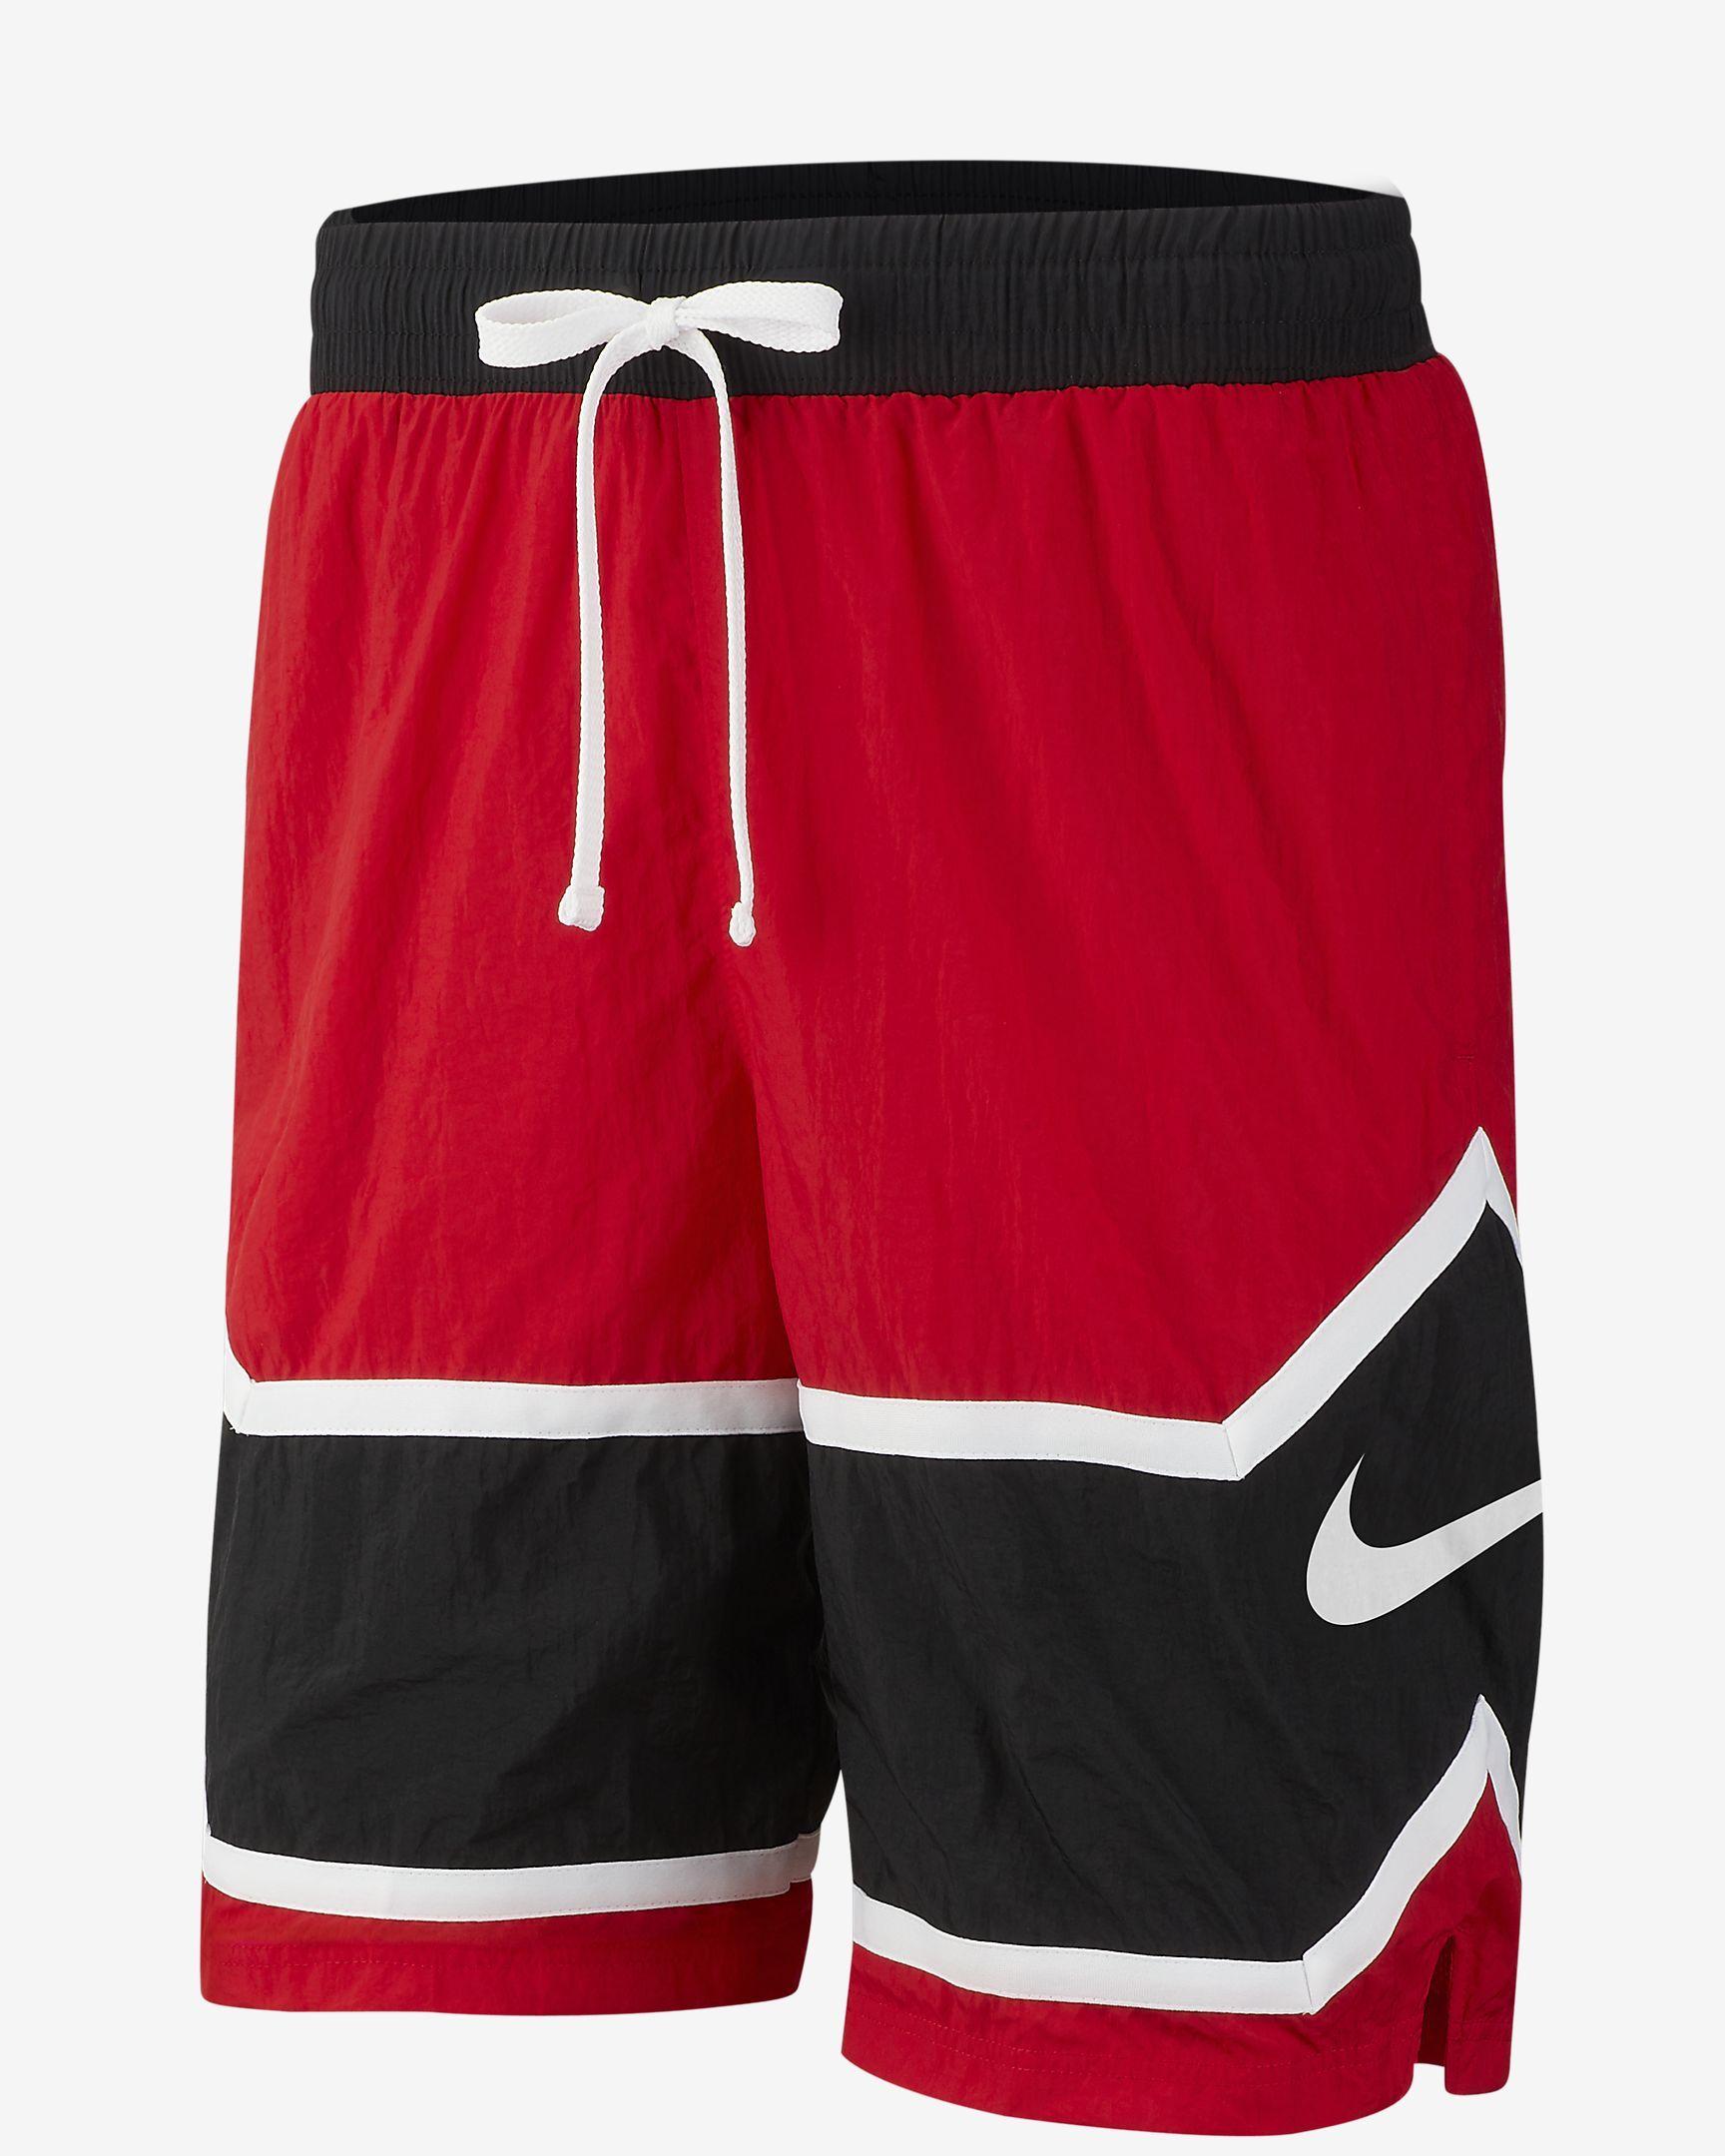 Nike Throwback Men S Basketball Shorts Nike Com Nike Clothes Mens Basketball Clothes Sport Outfits